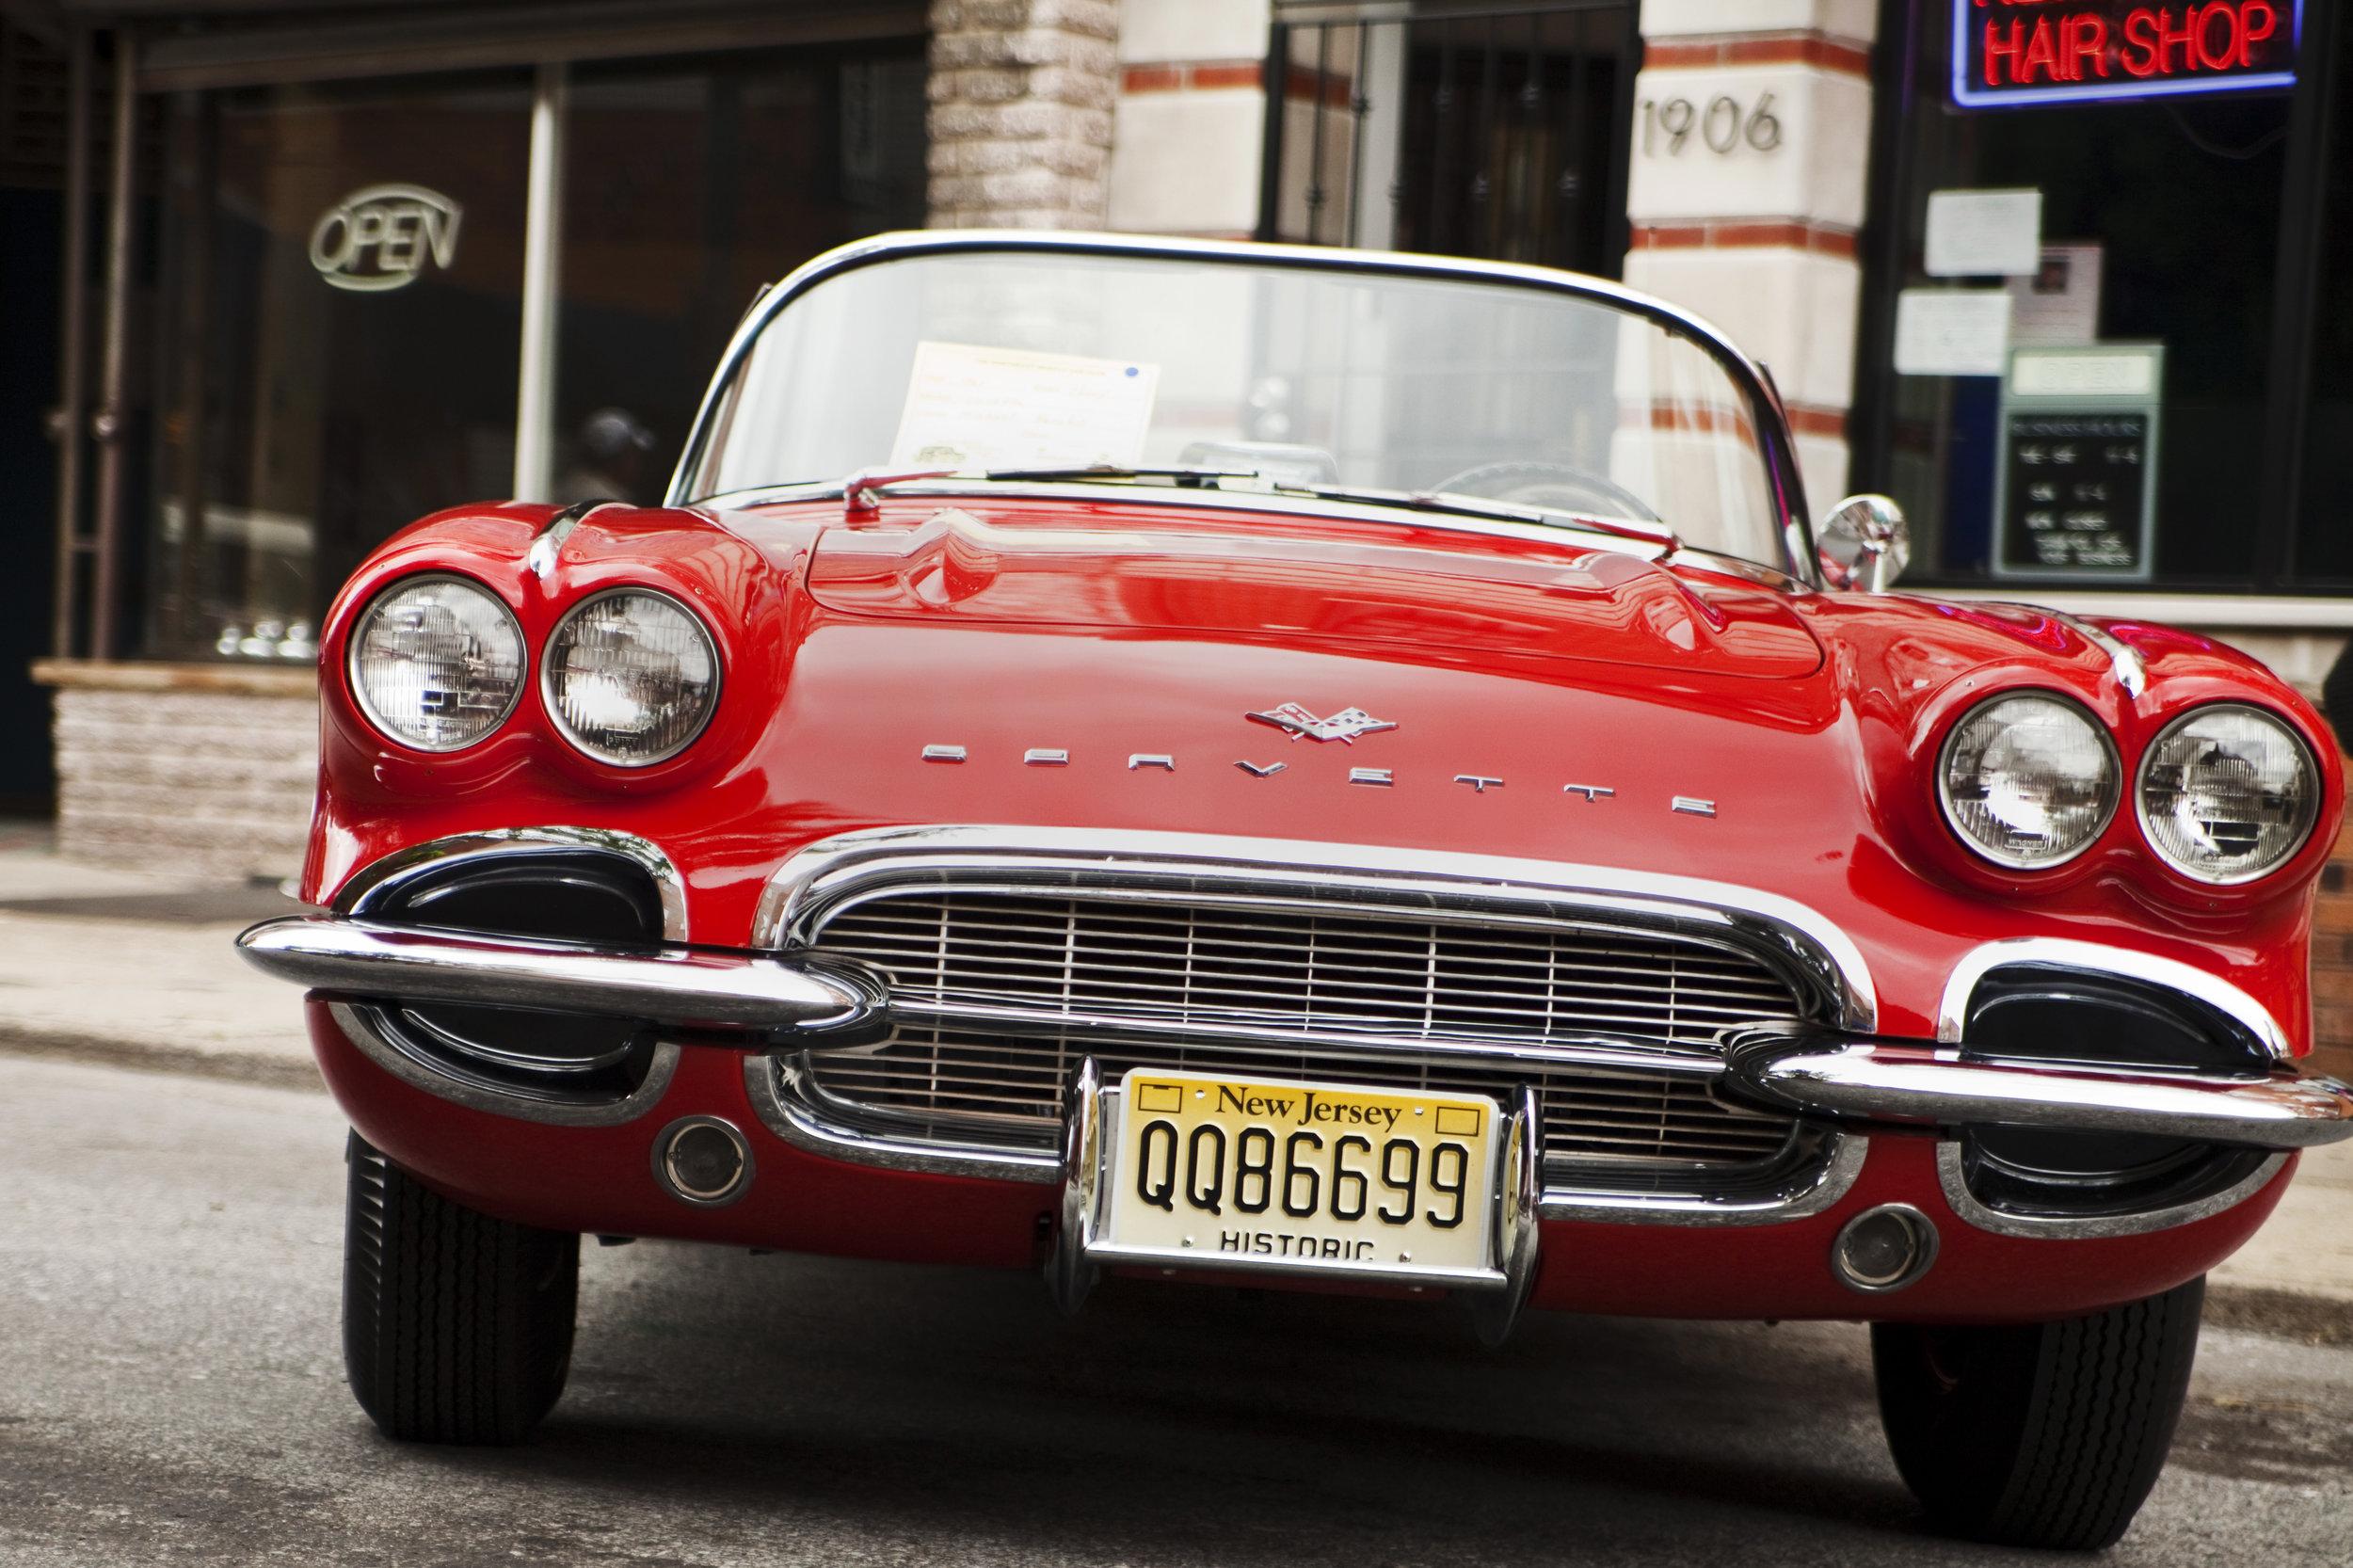 Car show, east passyunk avenue